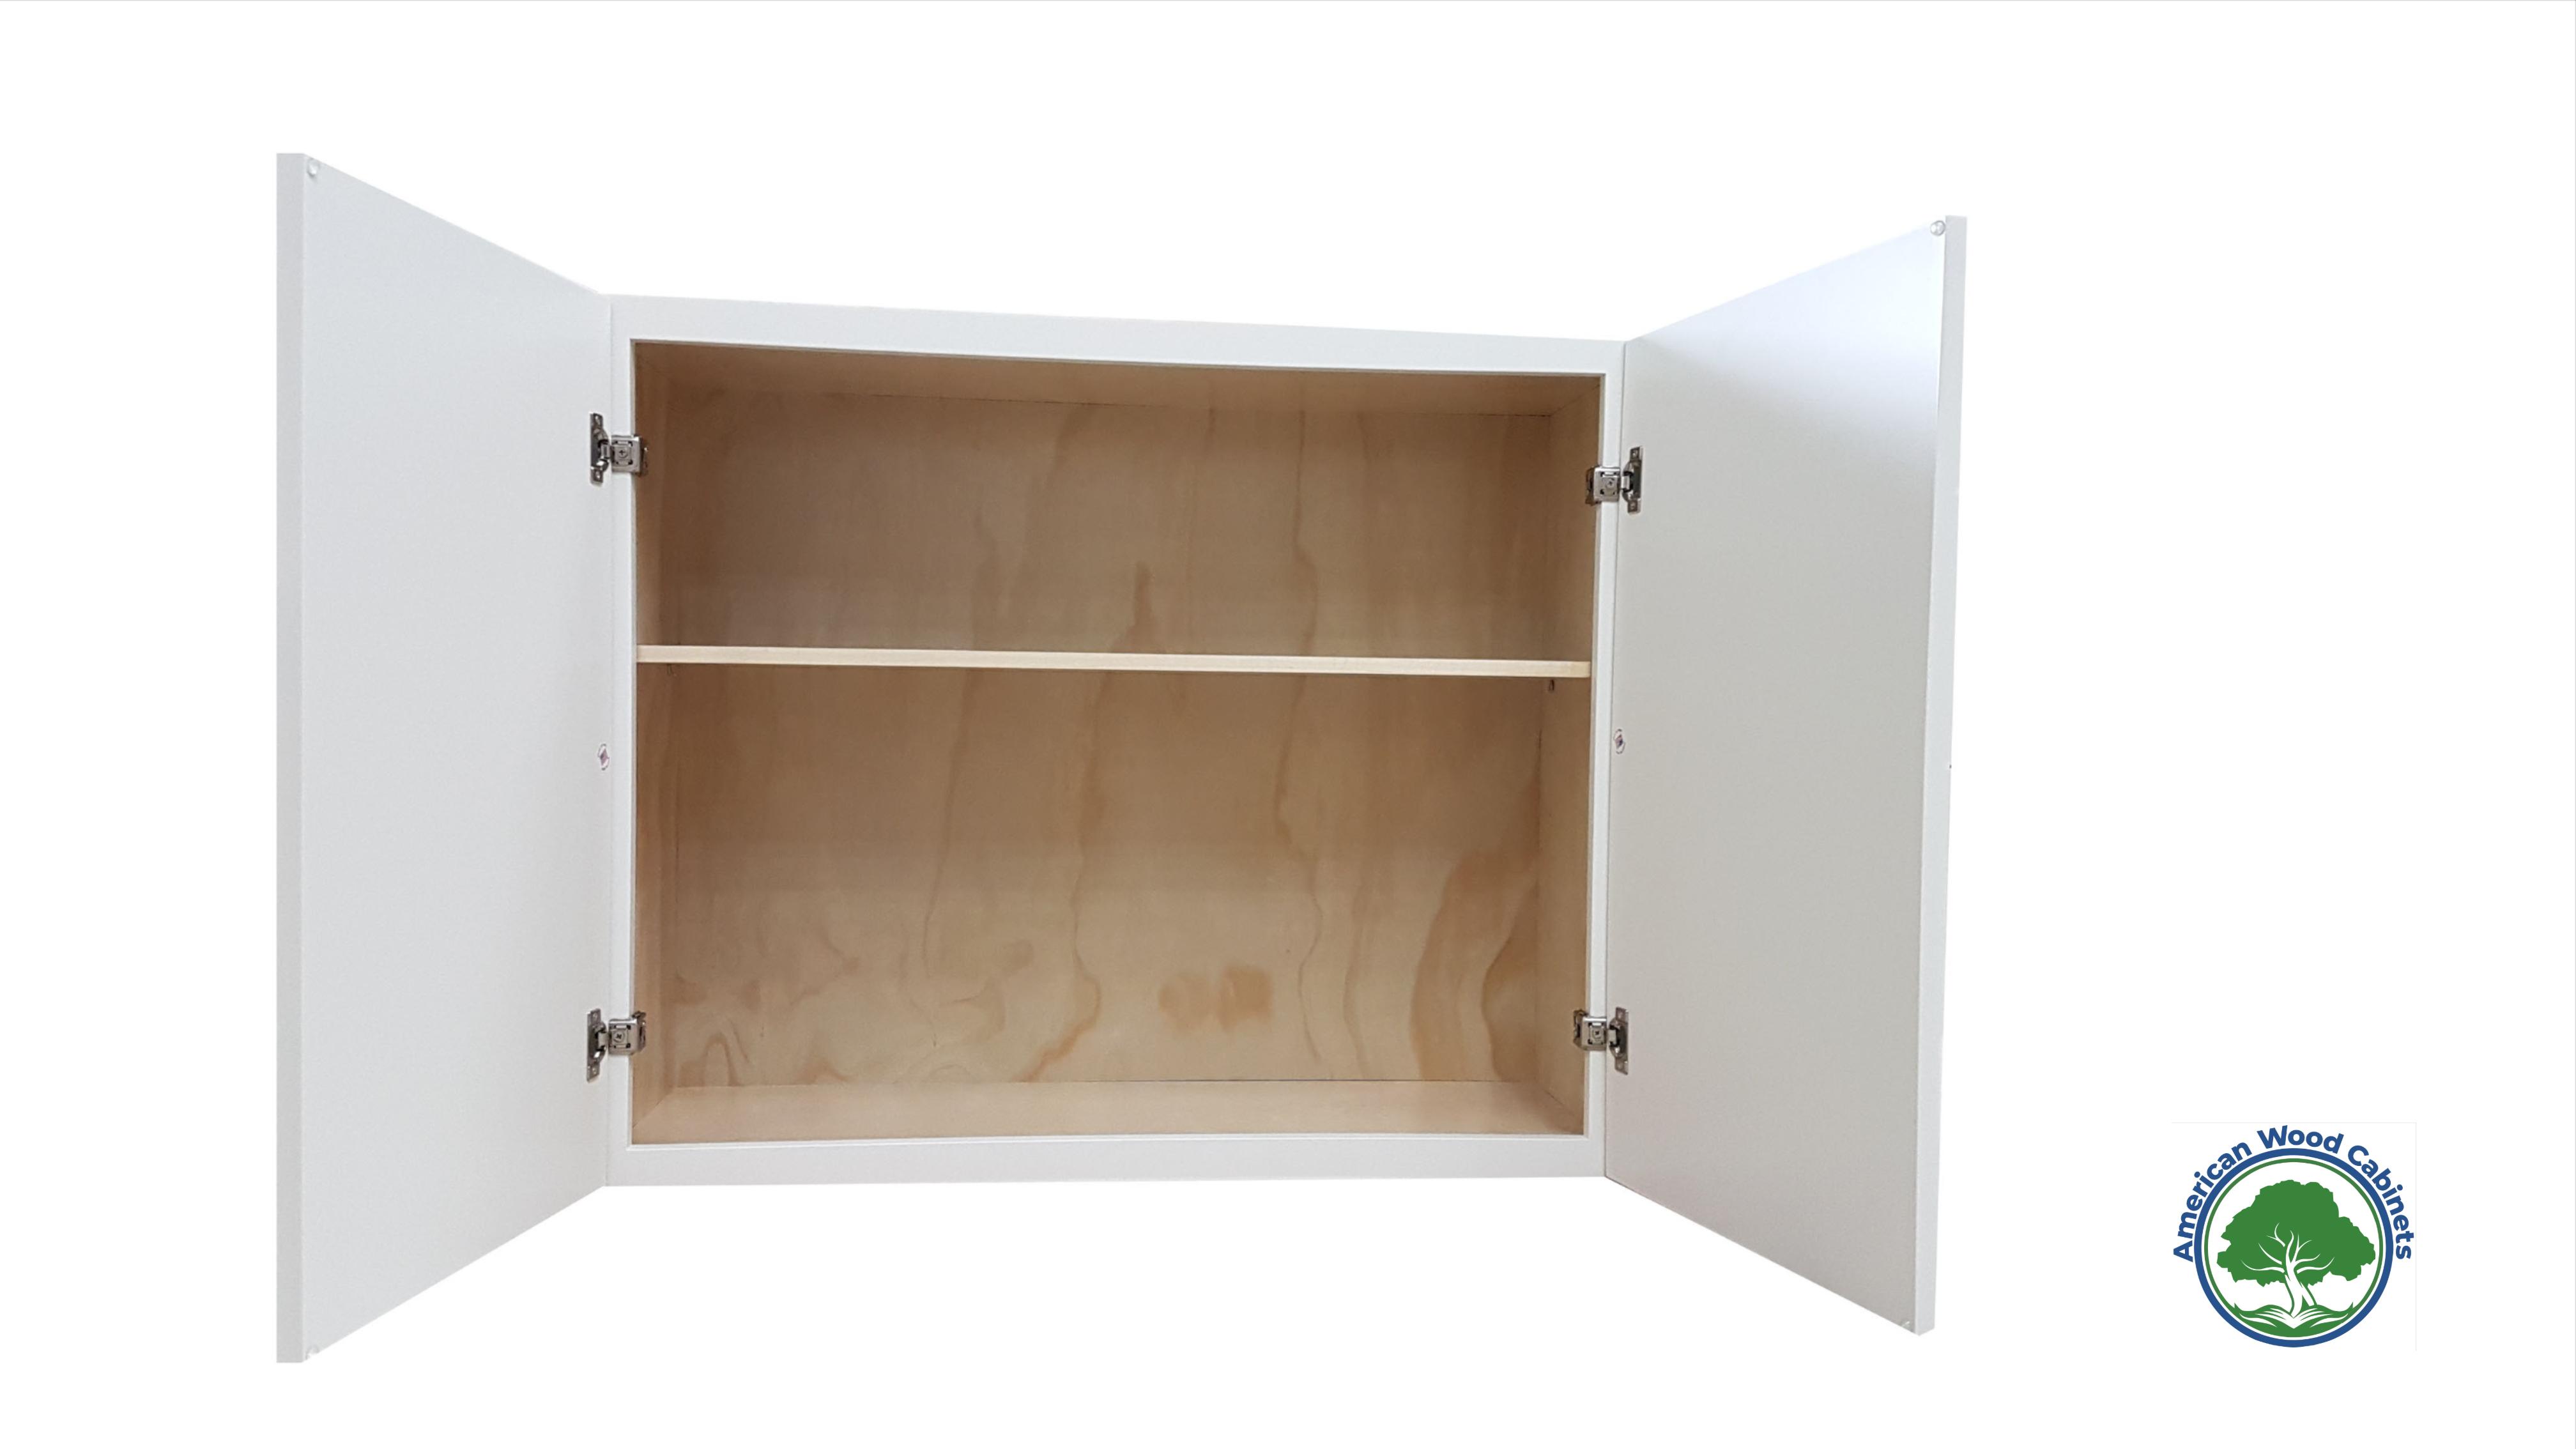 Slab Door Kitchen Cabinet American Wood Cabinets Slab Door Kitchen Slab Door Wood Cabinets